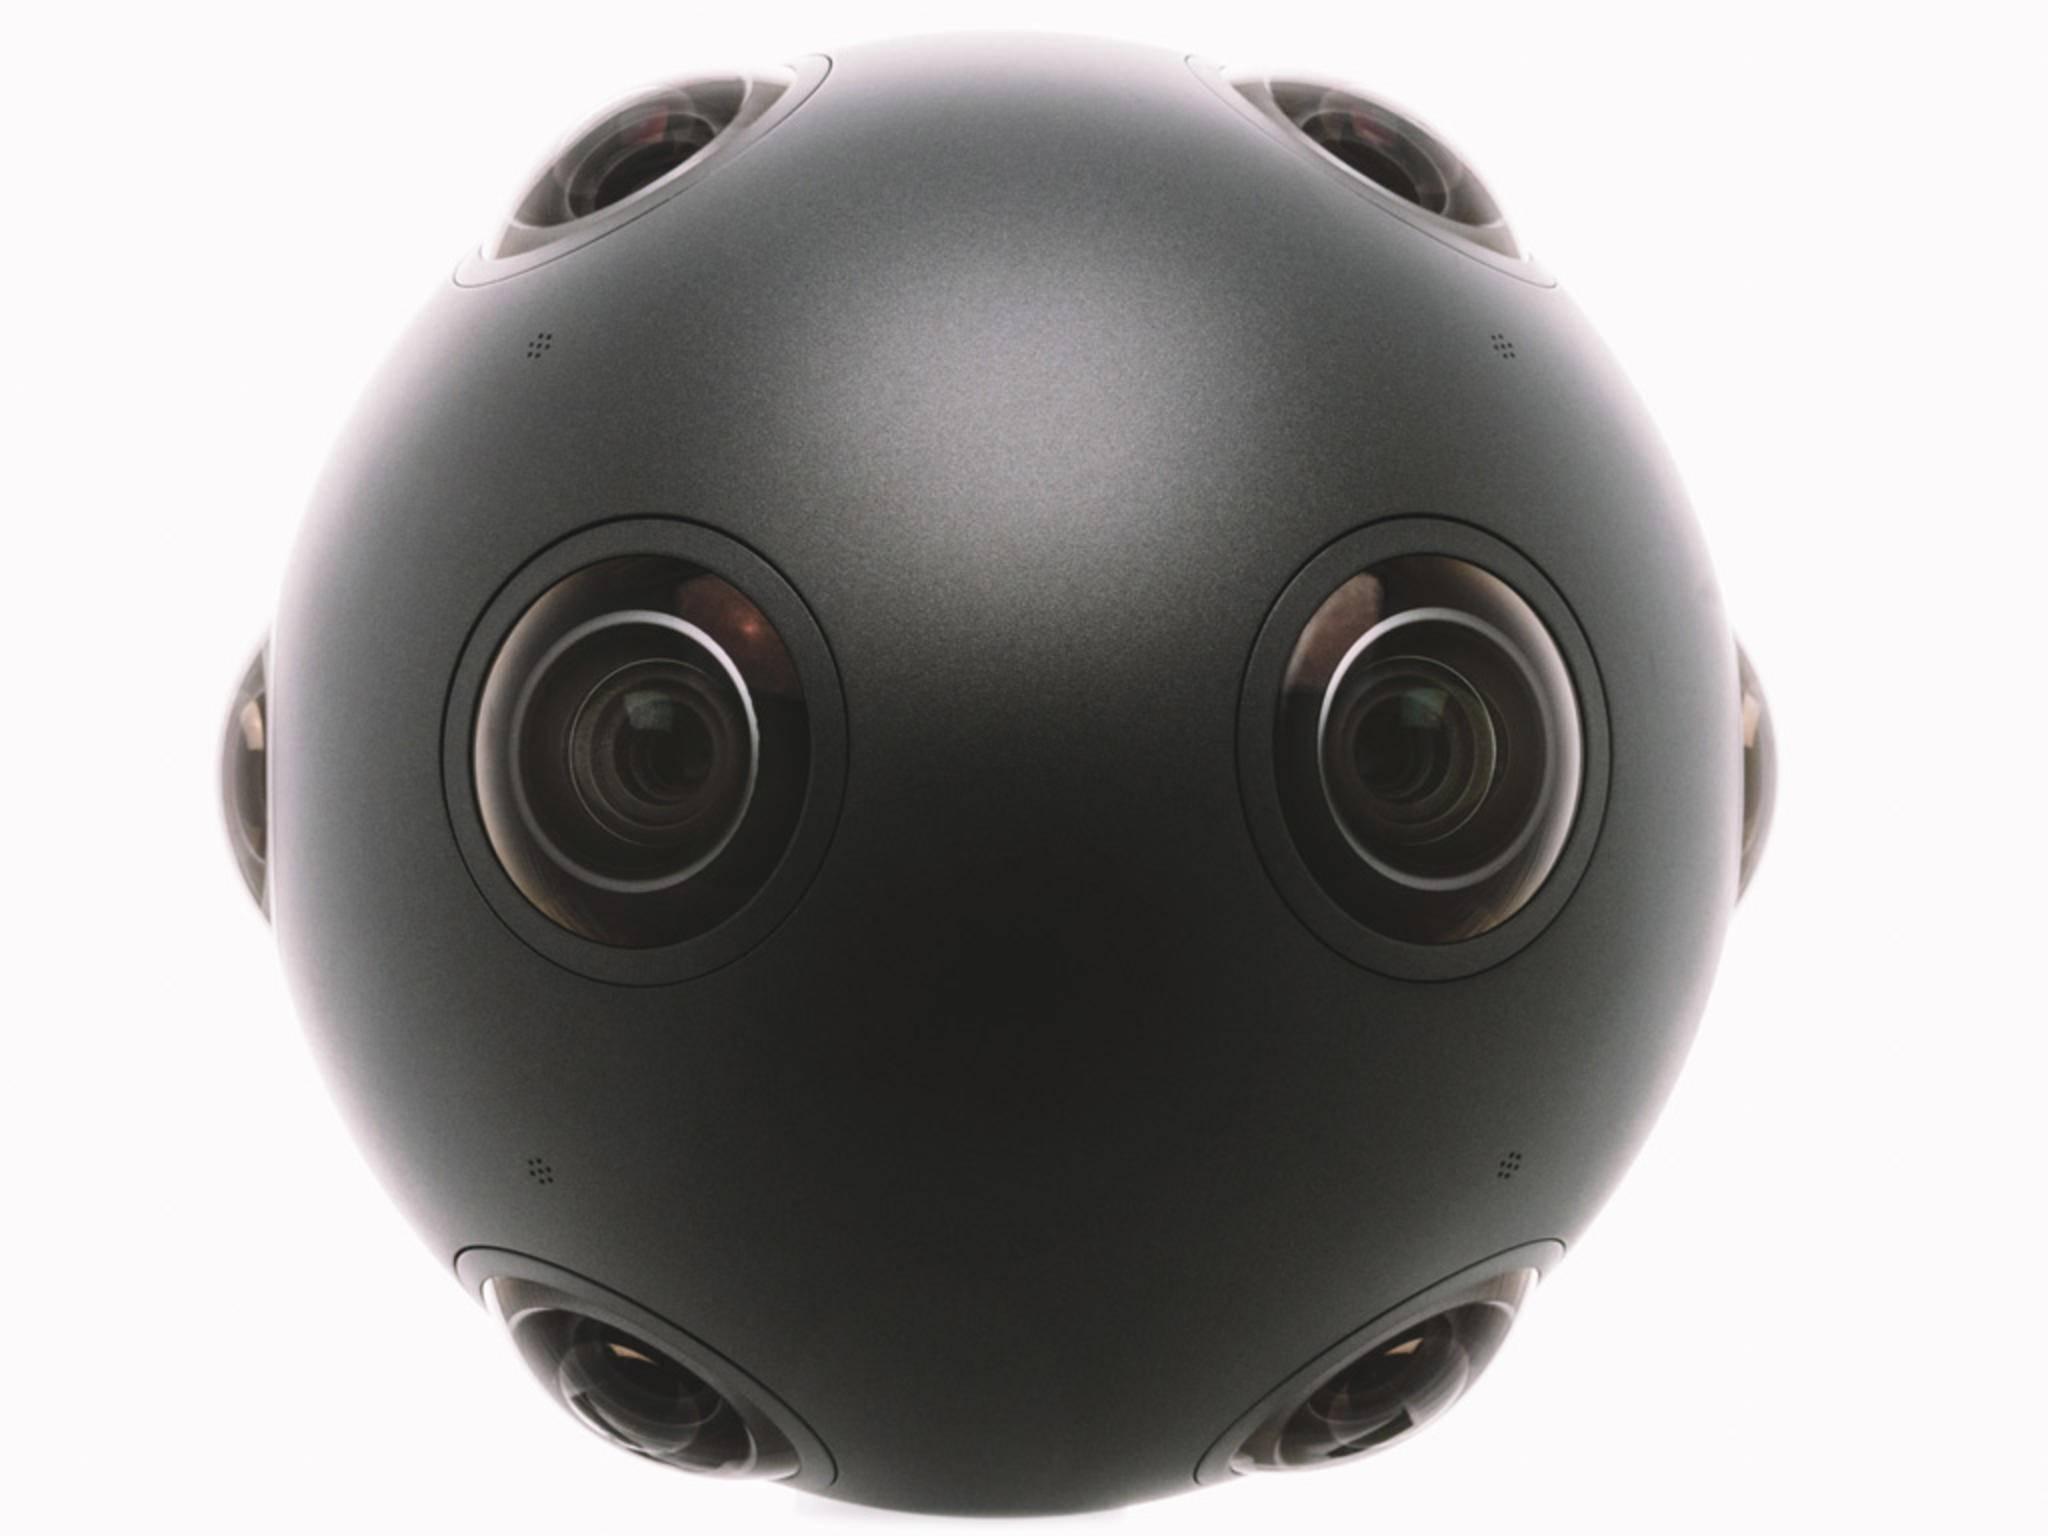 Die in Finnland hergestellte Virtual Reality Cam wird für das vierte Quartal 2015 erwartet.